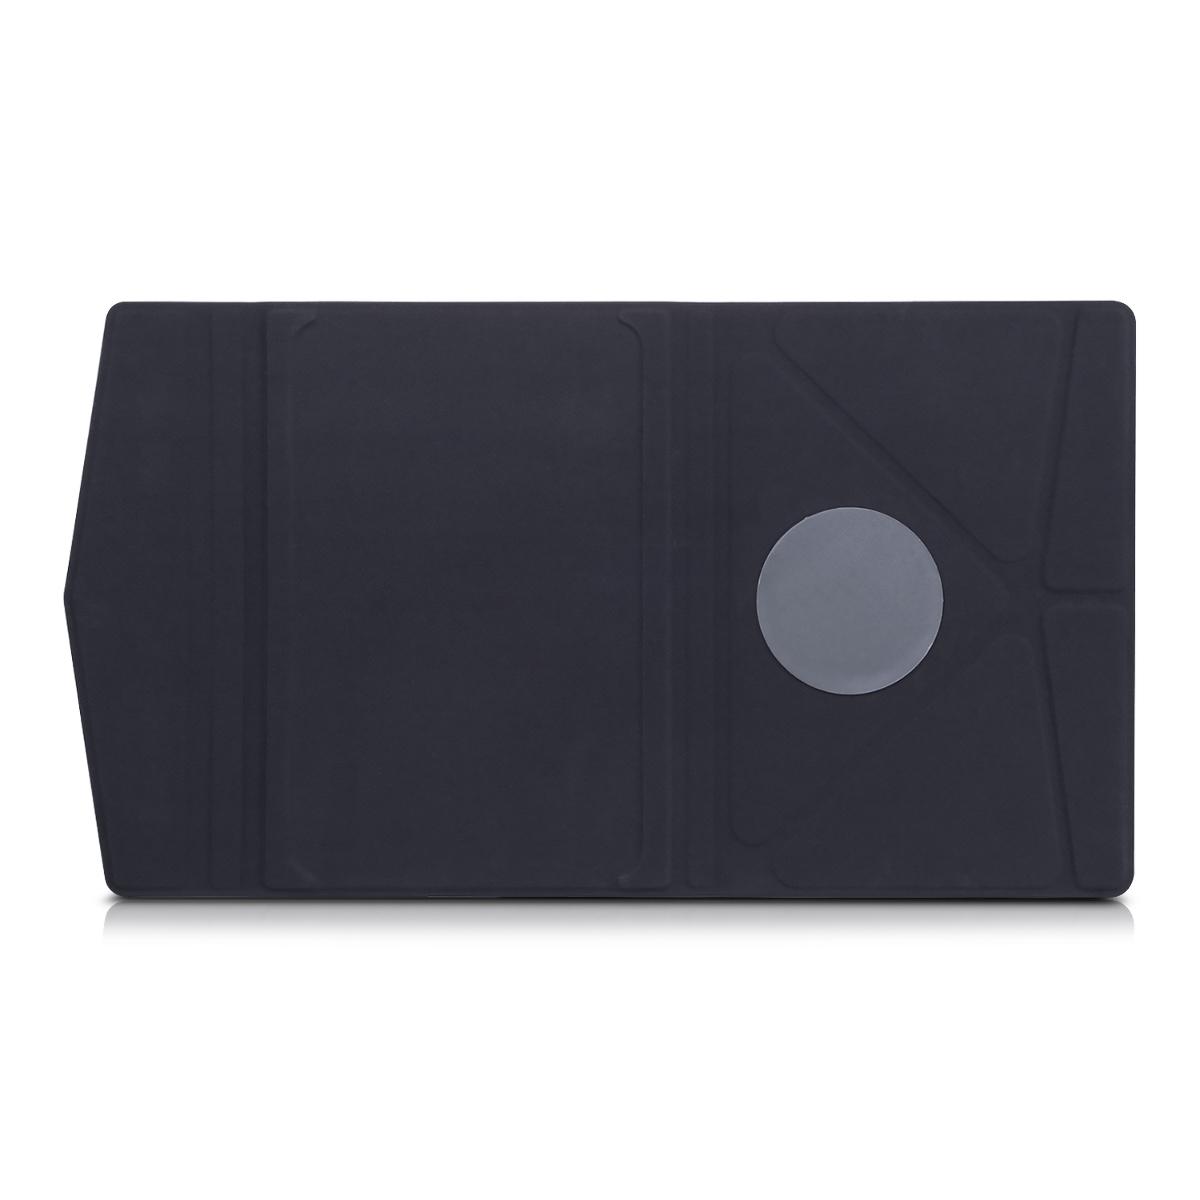 Smart Cover Clavier Pour Asus Zenpad 10 Noir Tui Berlin